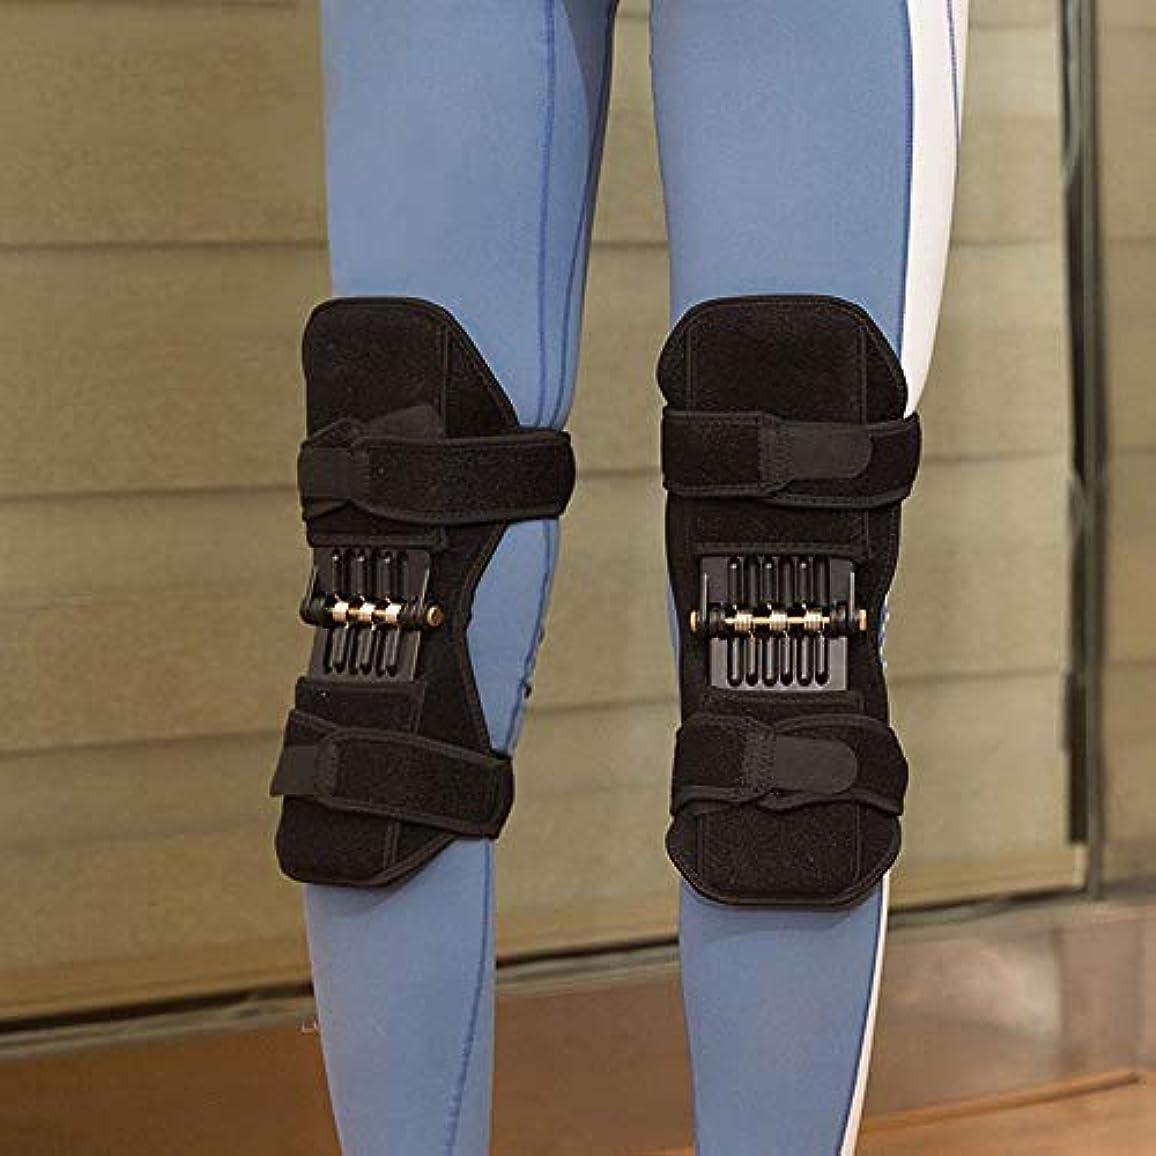 予約できるぞっとするような1 ペアスポーツ 春の膝 ストラップ 登山 ランニング 膝 ブースター 膝 パッド 膝関節保護 マッサージツール